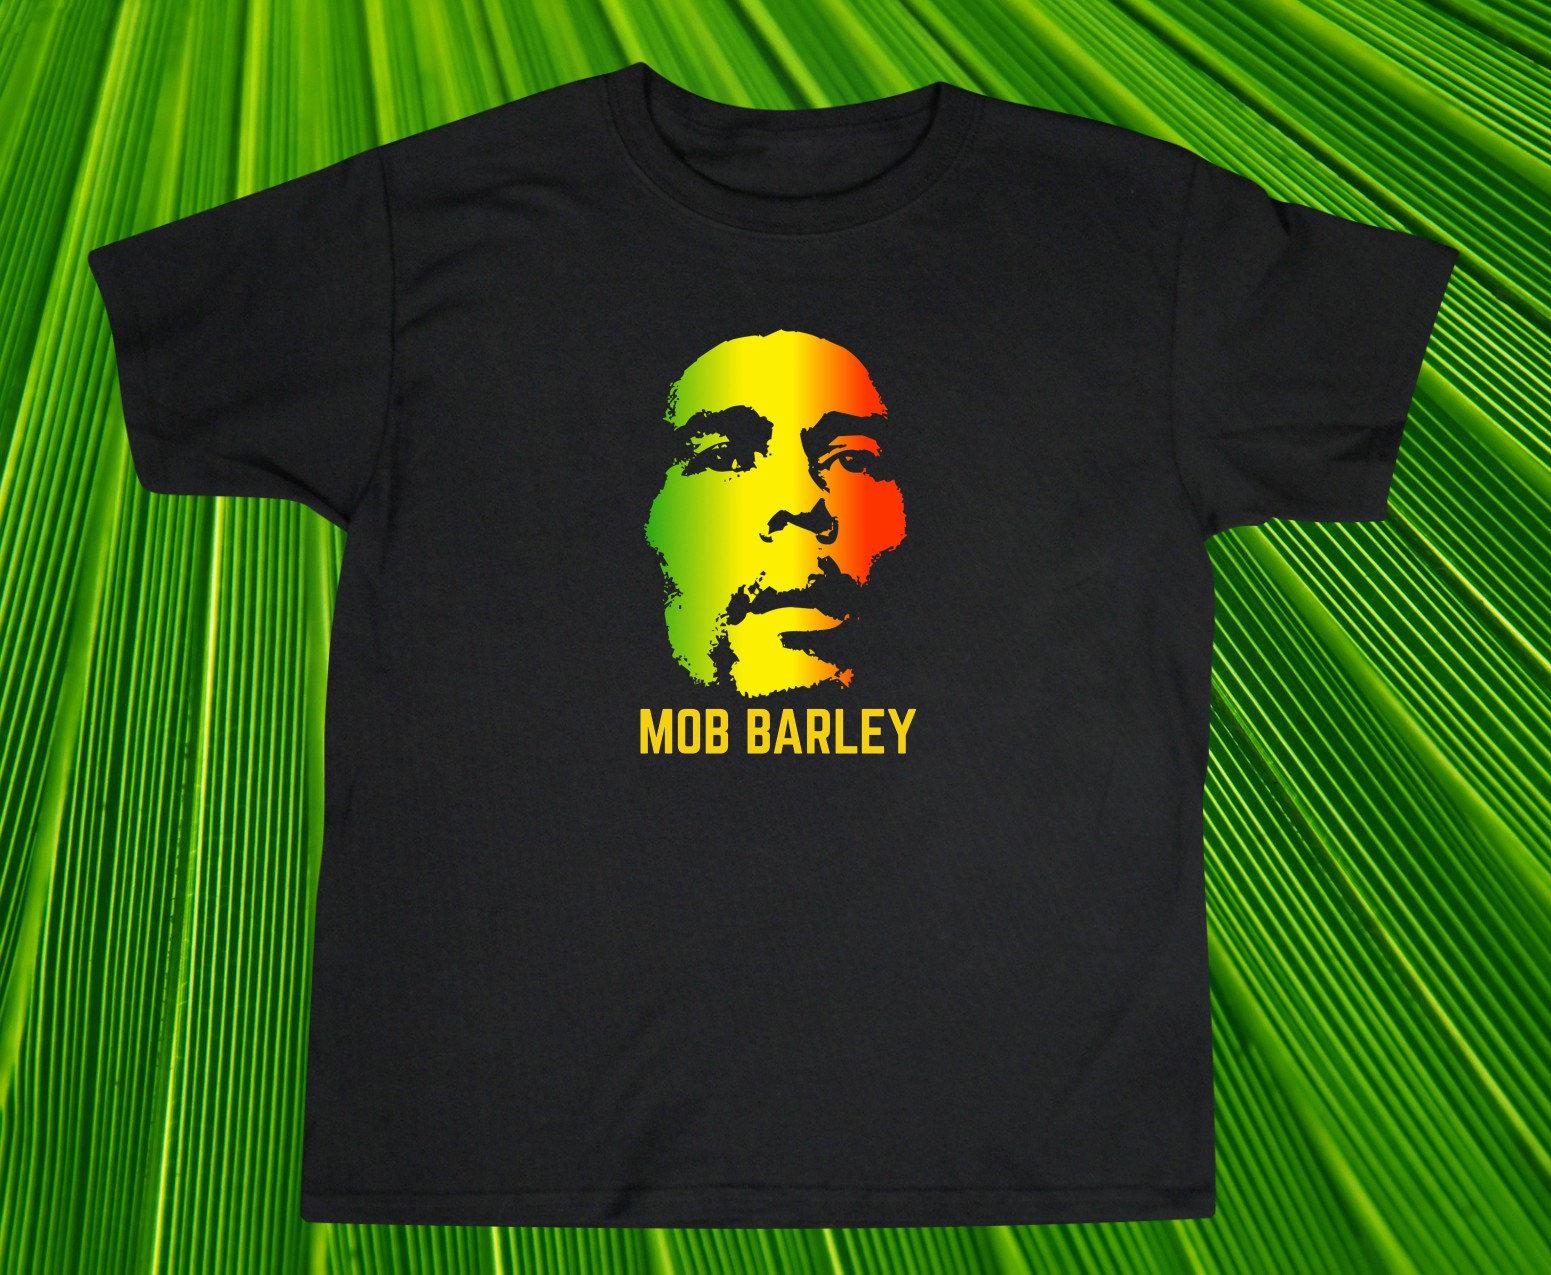 MOB orge Bob Marley Funny T-Shirt T-Shirt Funny cadeau humoristique Reggae musique Jamaïque comique mignon unisexe chemise noire pour les hommes et les femmes 0451b7